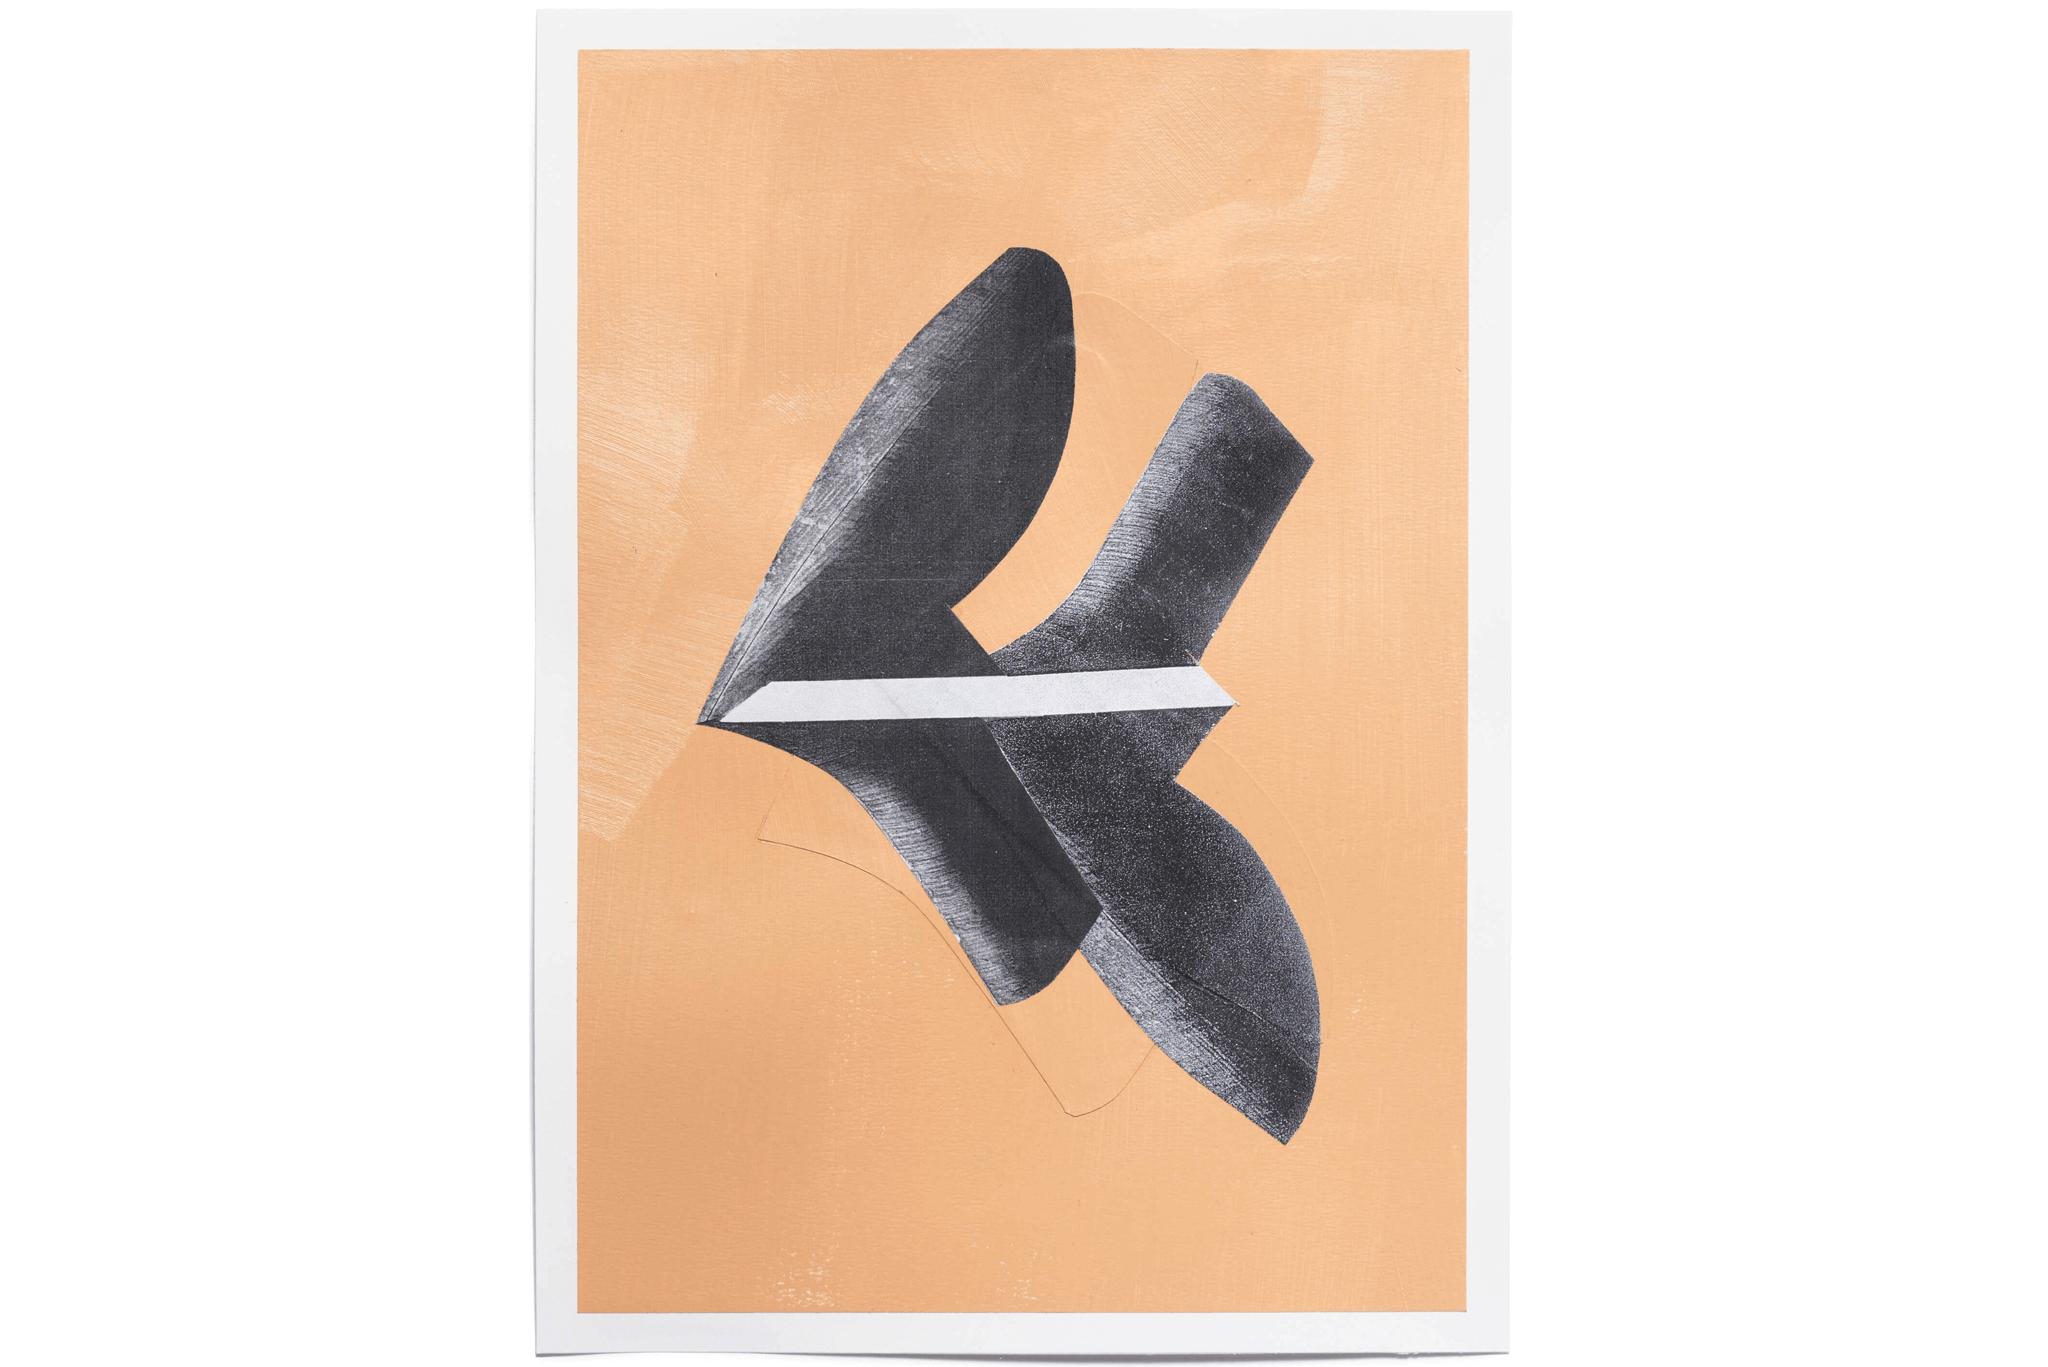 2015_01_Frauke-Dannert_Collage_Papiercollage_Ohne-Titel-Kopie